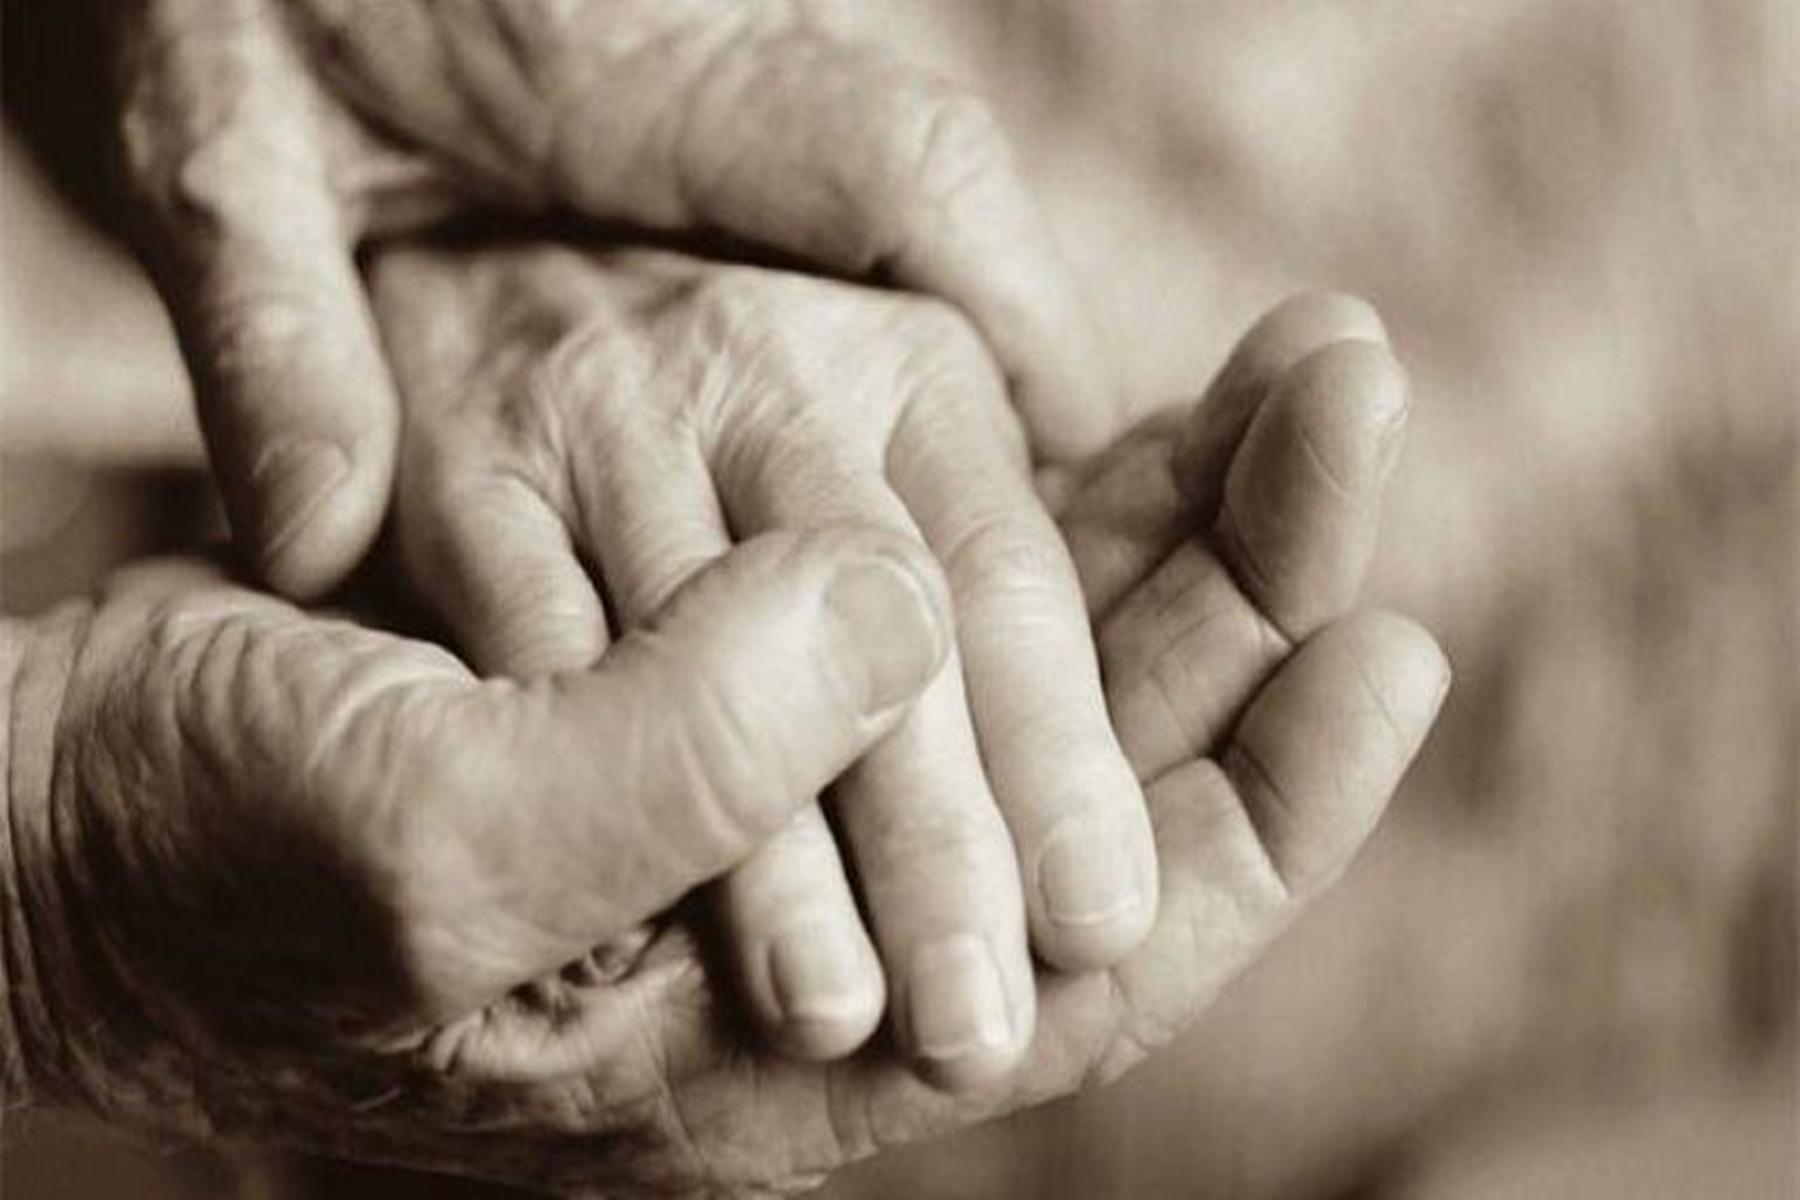 Προσδόκιμο ζωής : Συνήθειες που βοηθούν στην αύξηση του